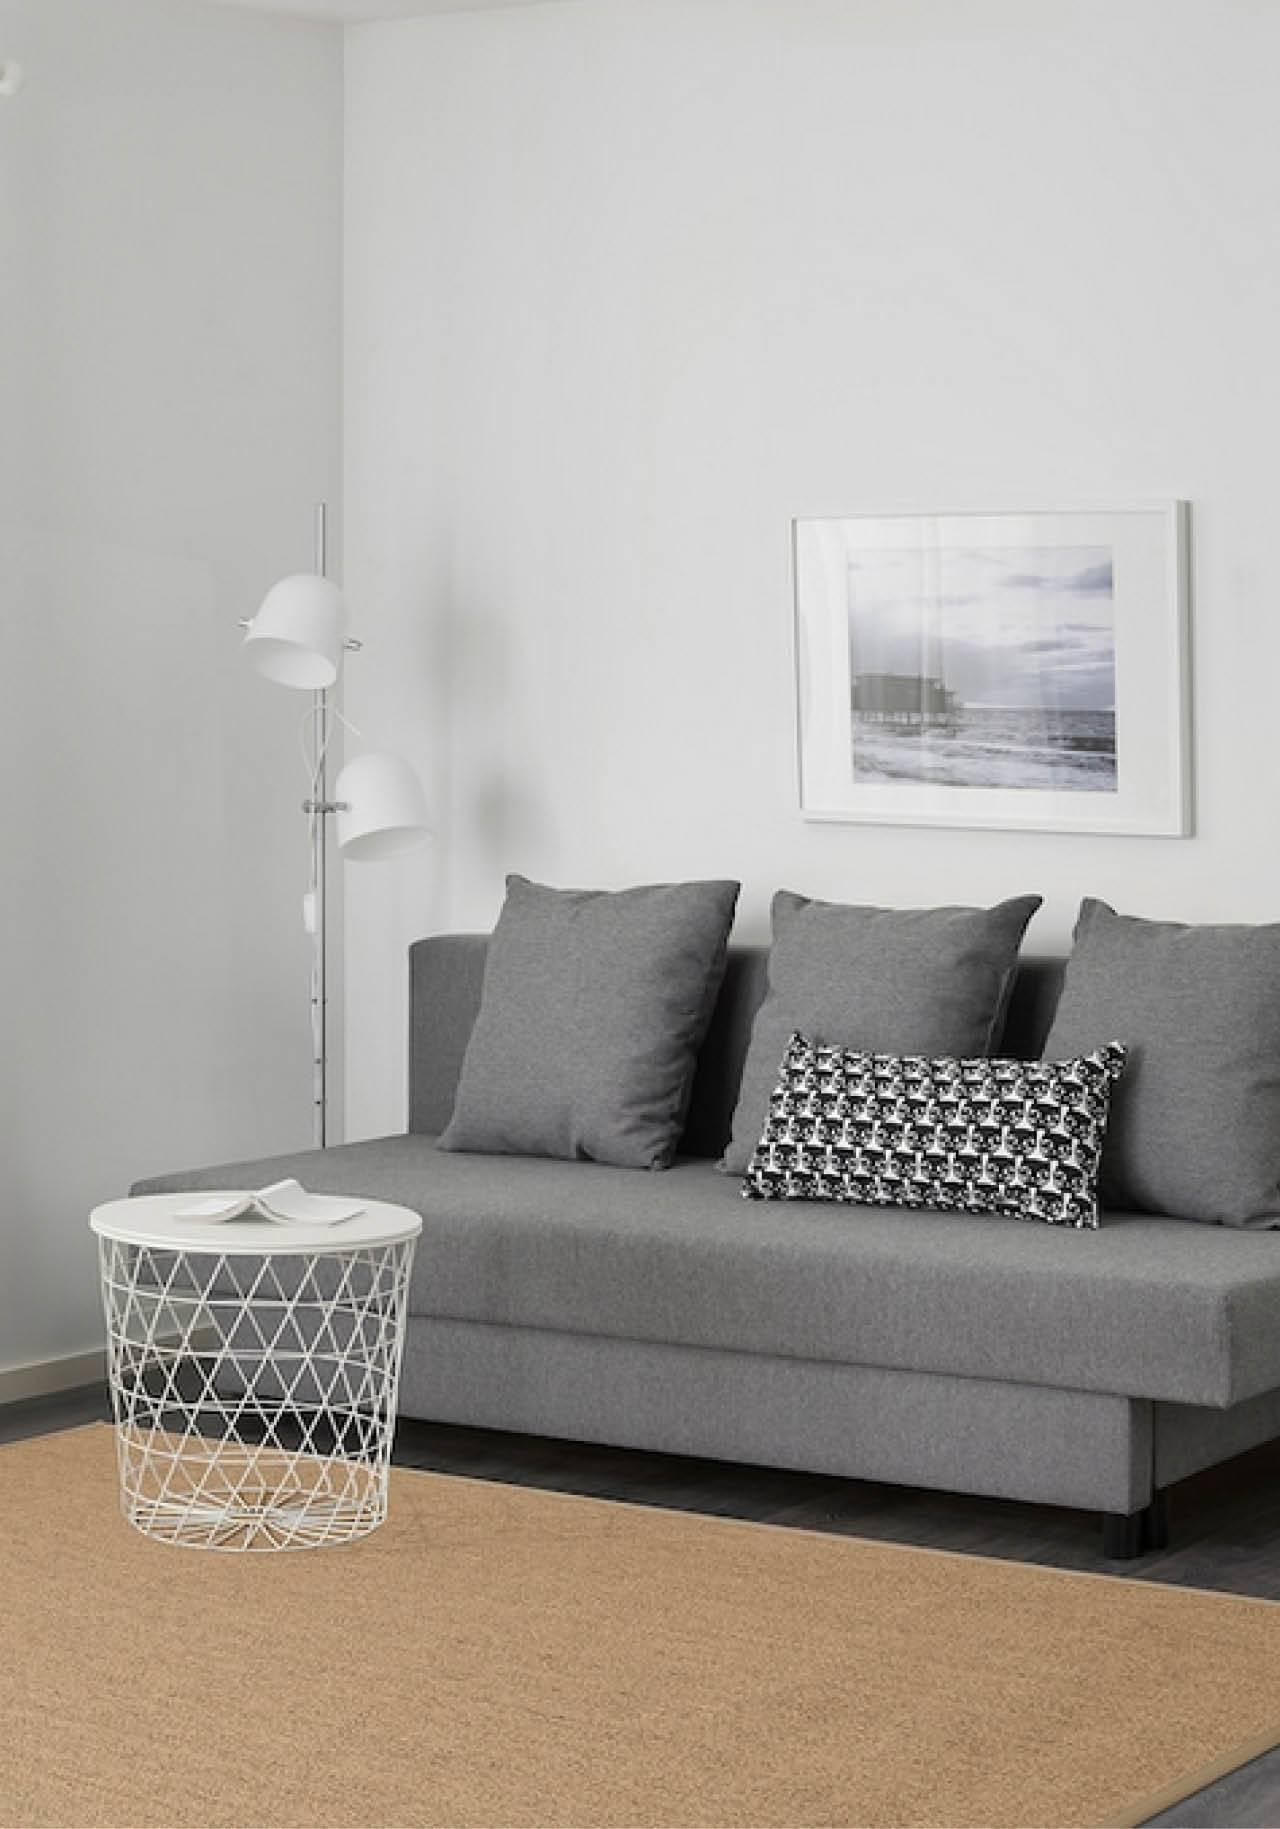 sofa cama ikea 99 euros